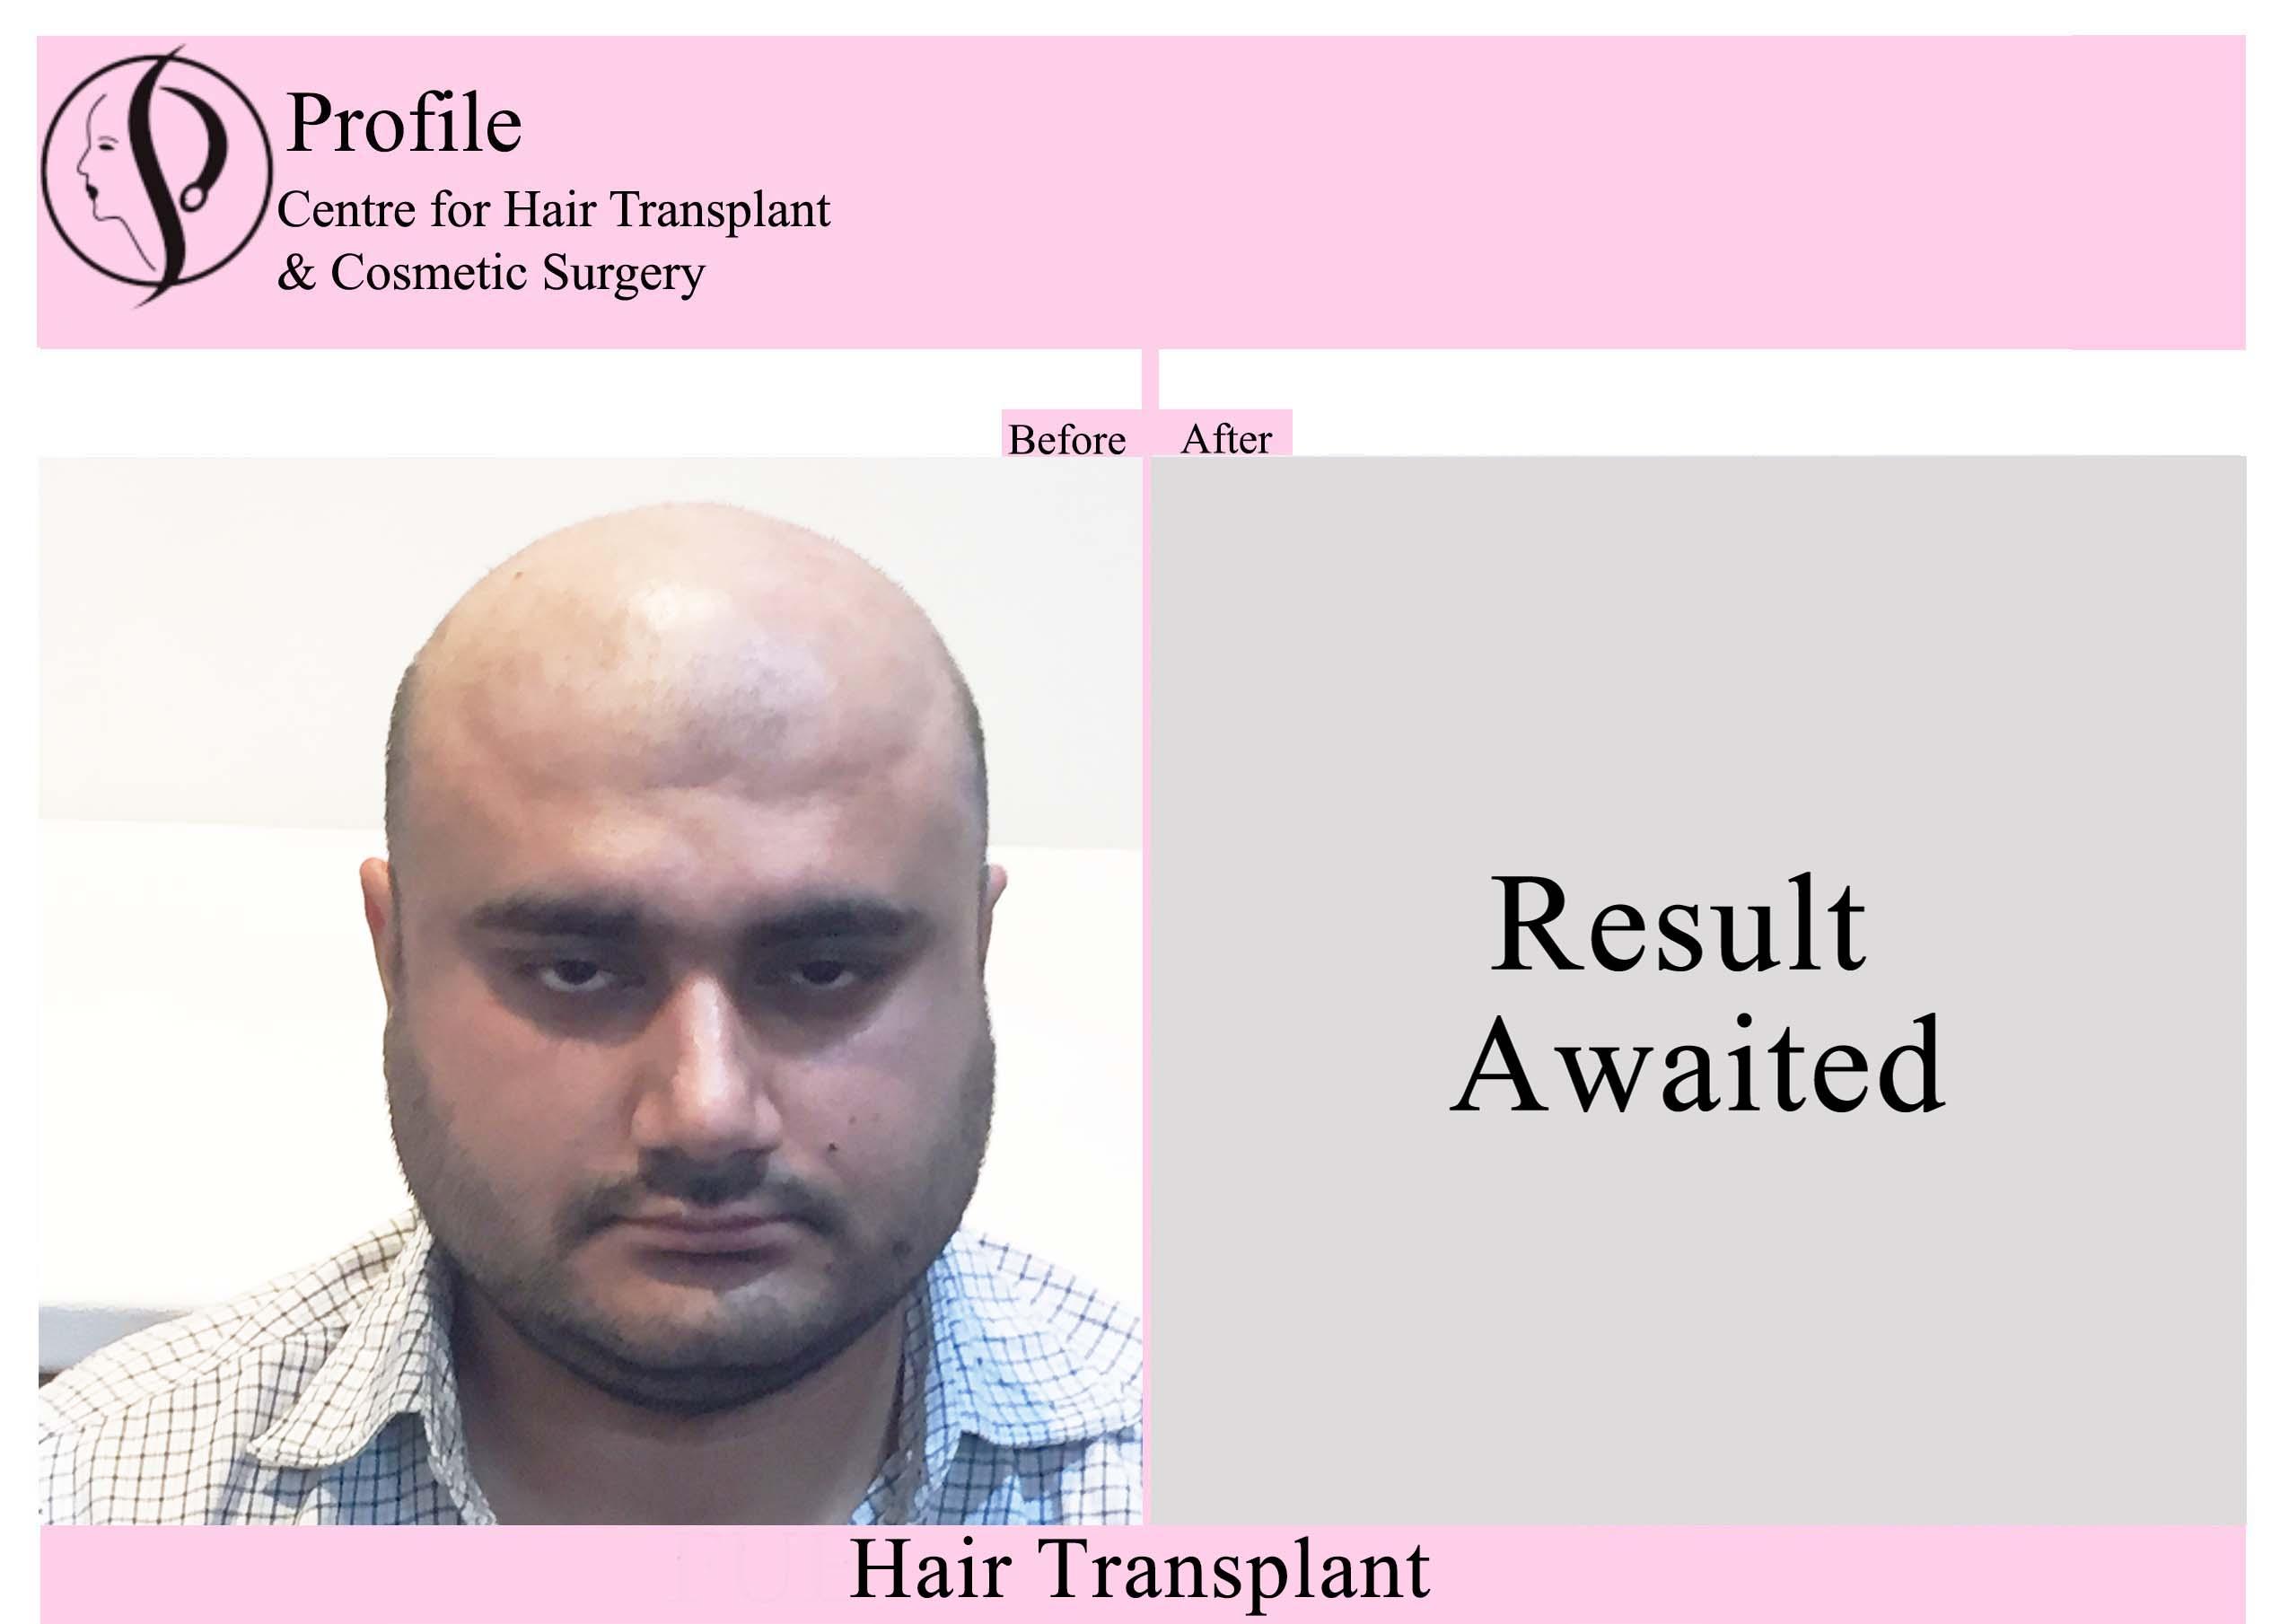 Dr. Abhishek Kaushal